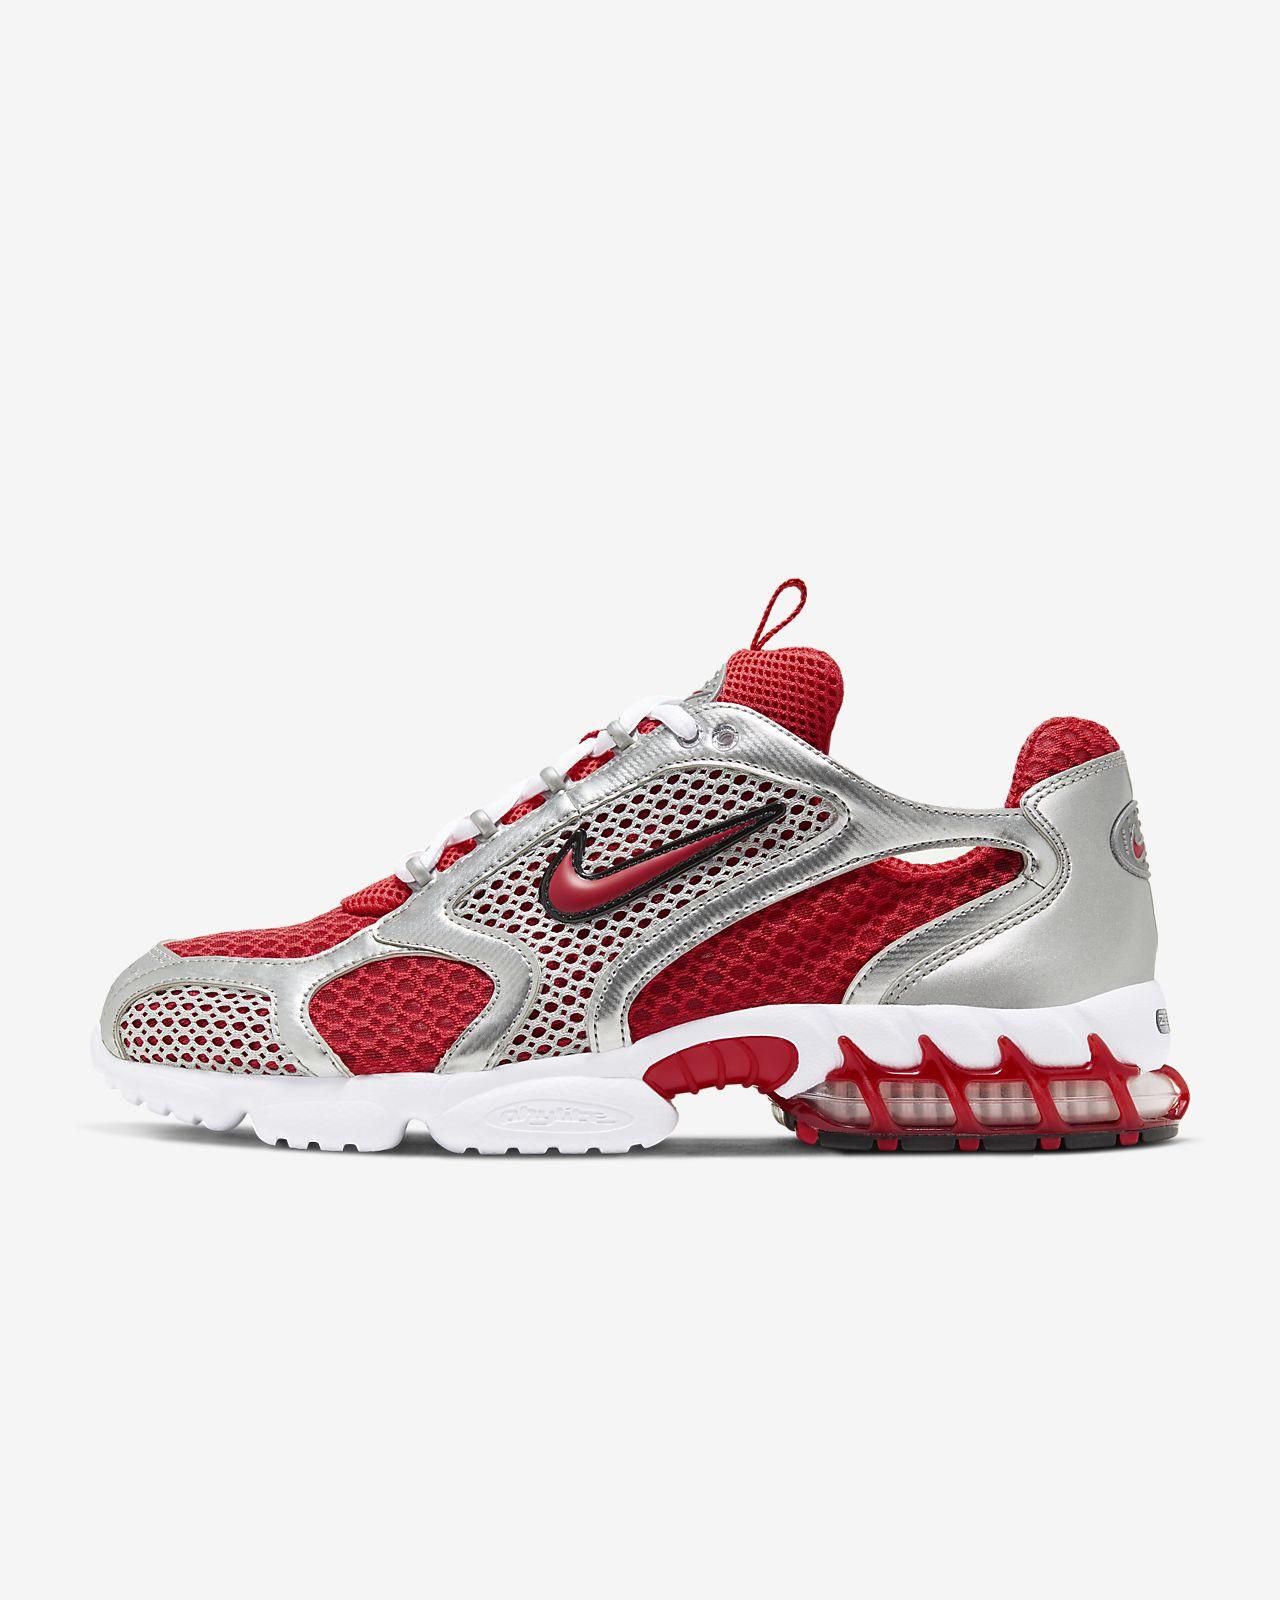 Nike Air Zoom Spiridon Cage 2 Men's Shoe